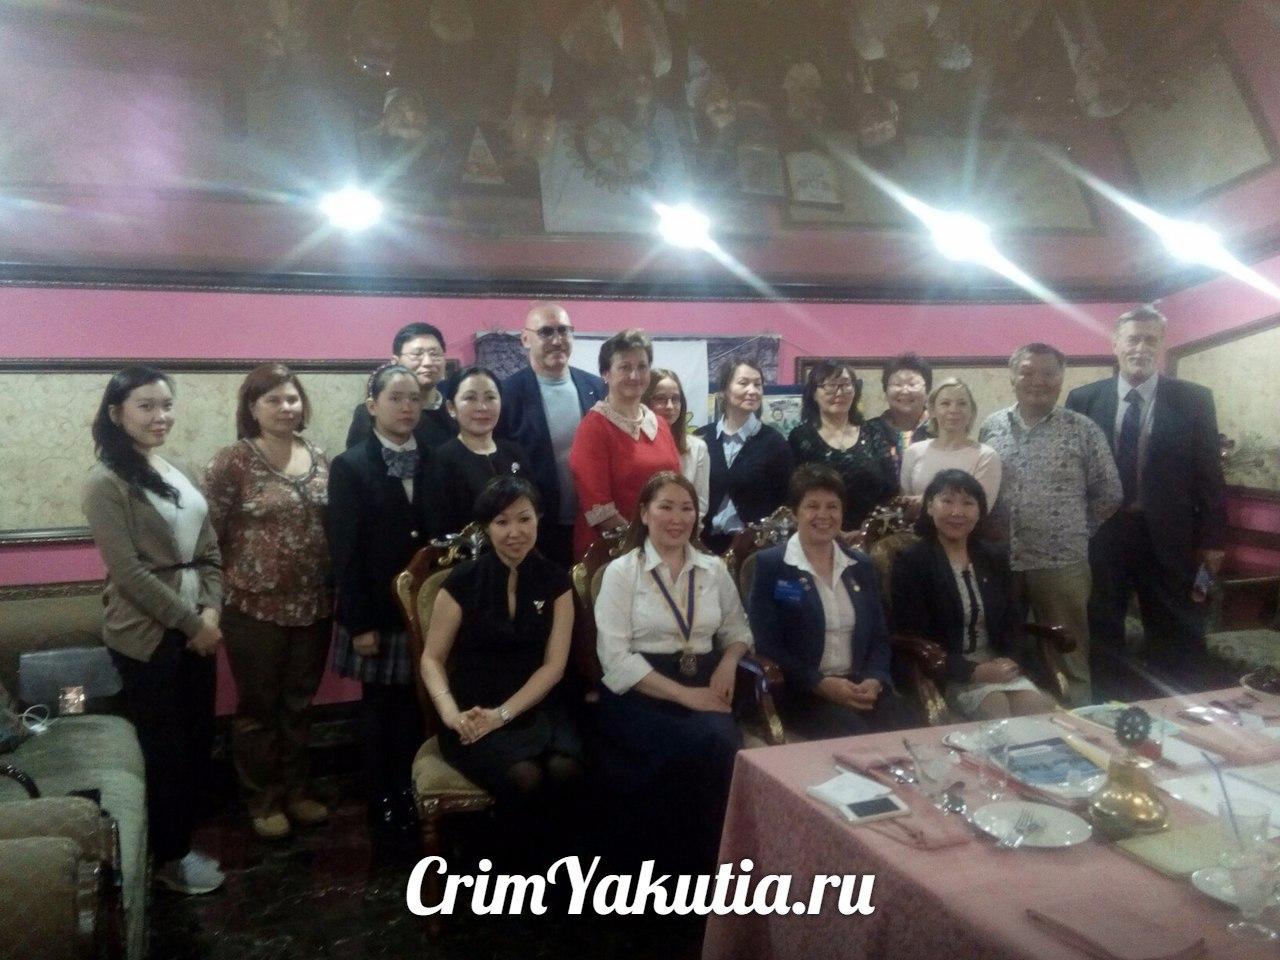 Встреча клуба «Ротари» или что делают американцы на якутской земле